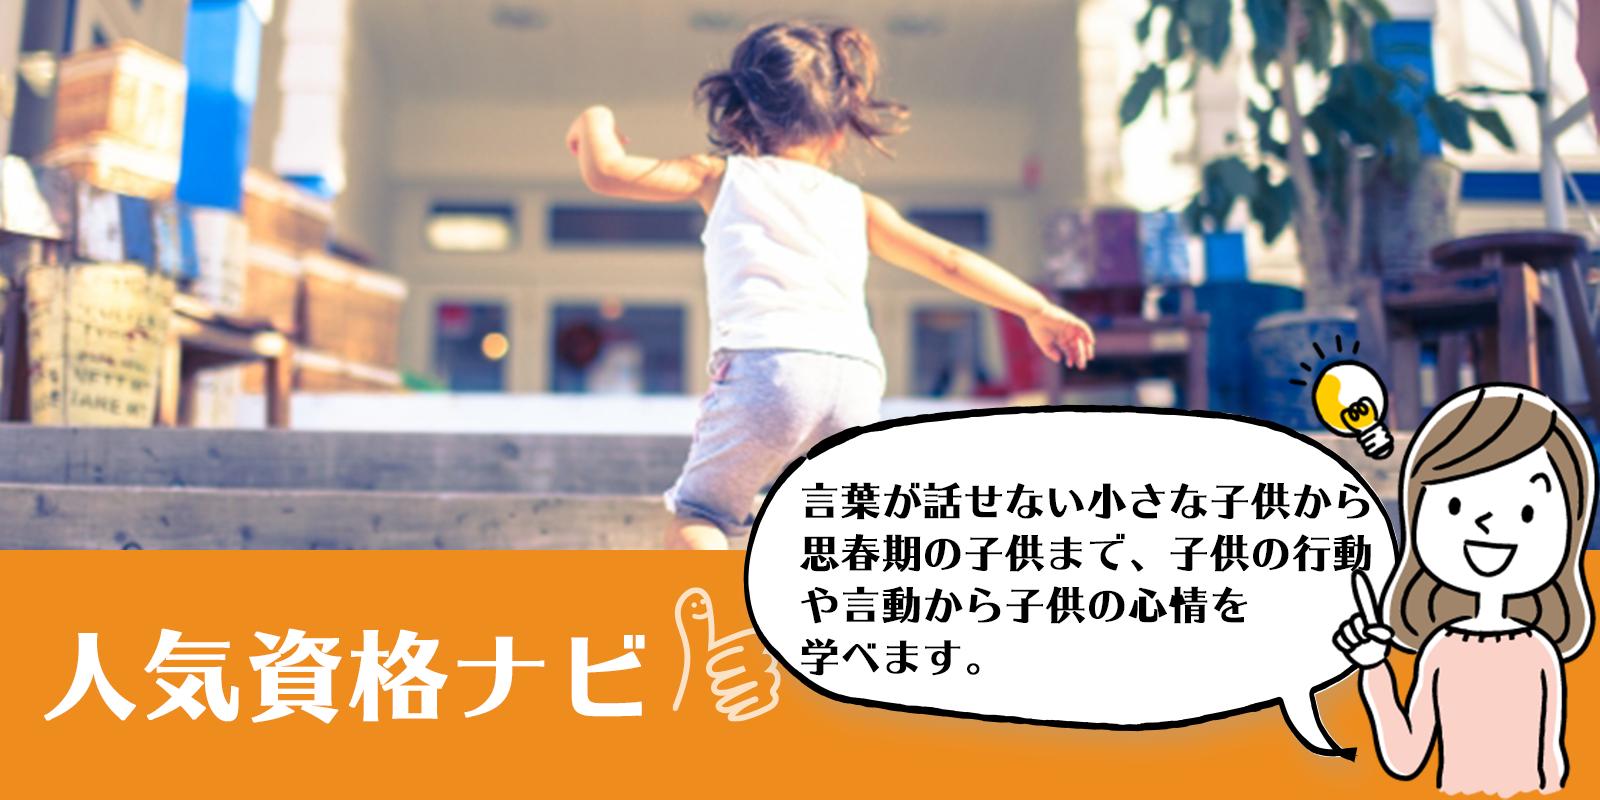 子ども心理資格のアイキャッチ画像